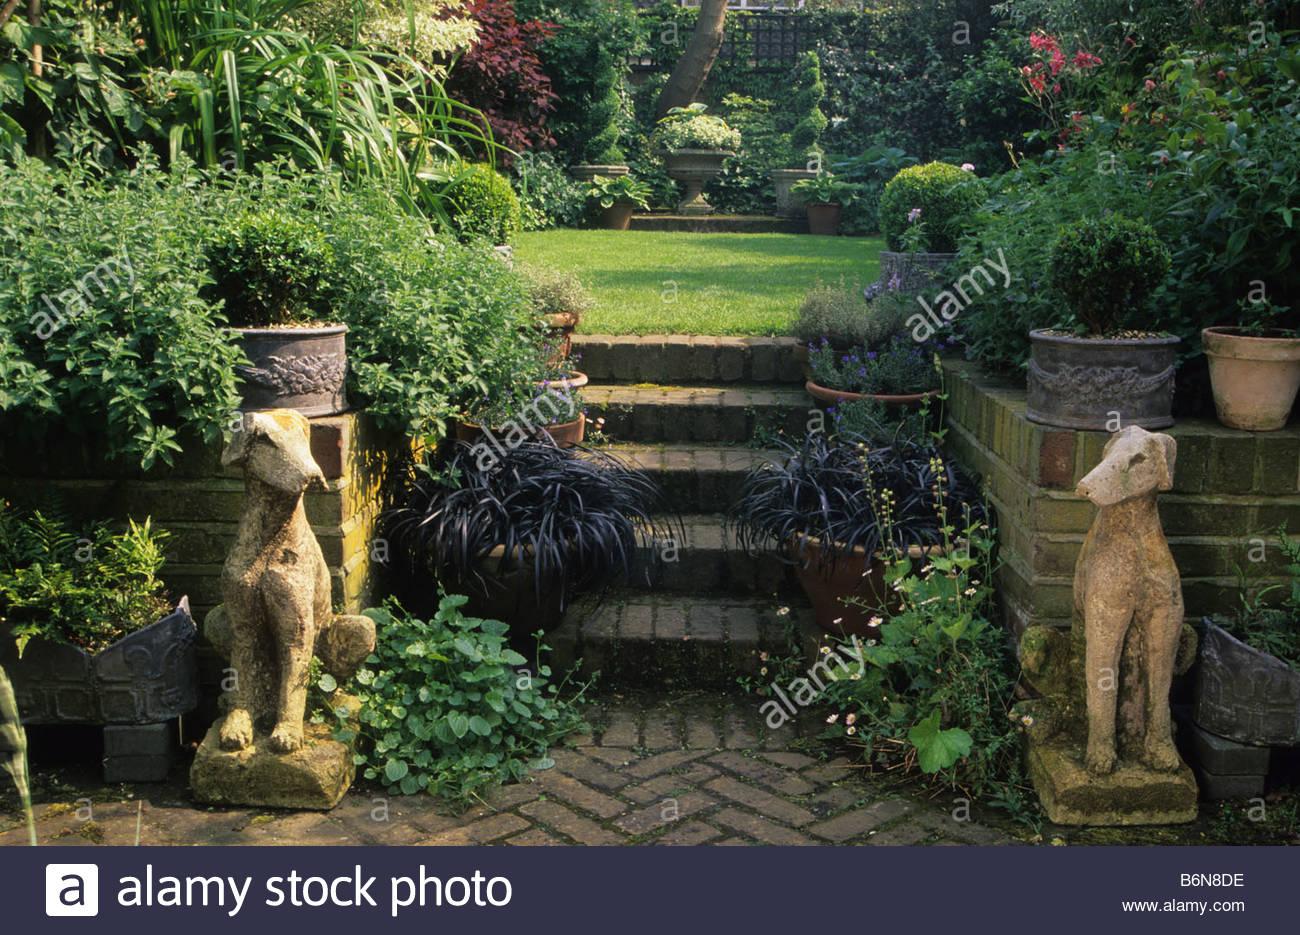 camden hill square london small town garden design penelope hobhouse - Garden Design On A Hill